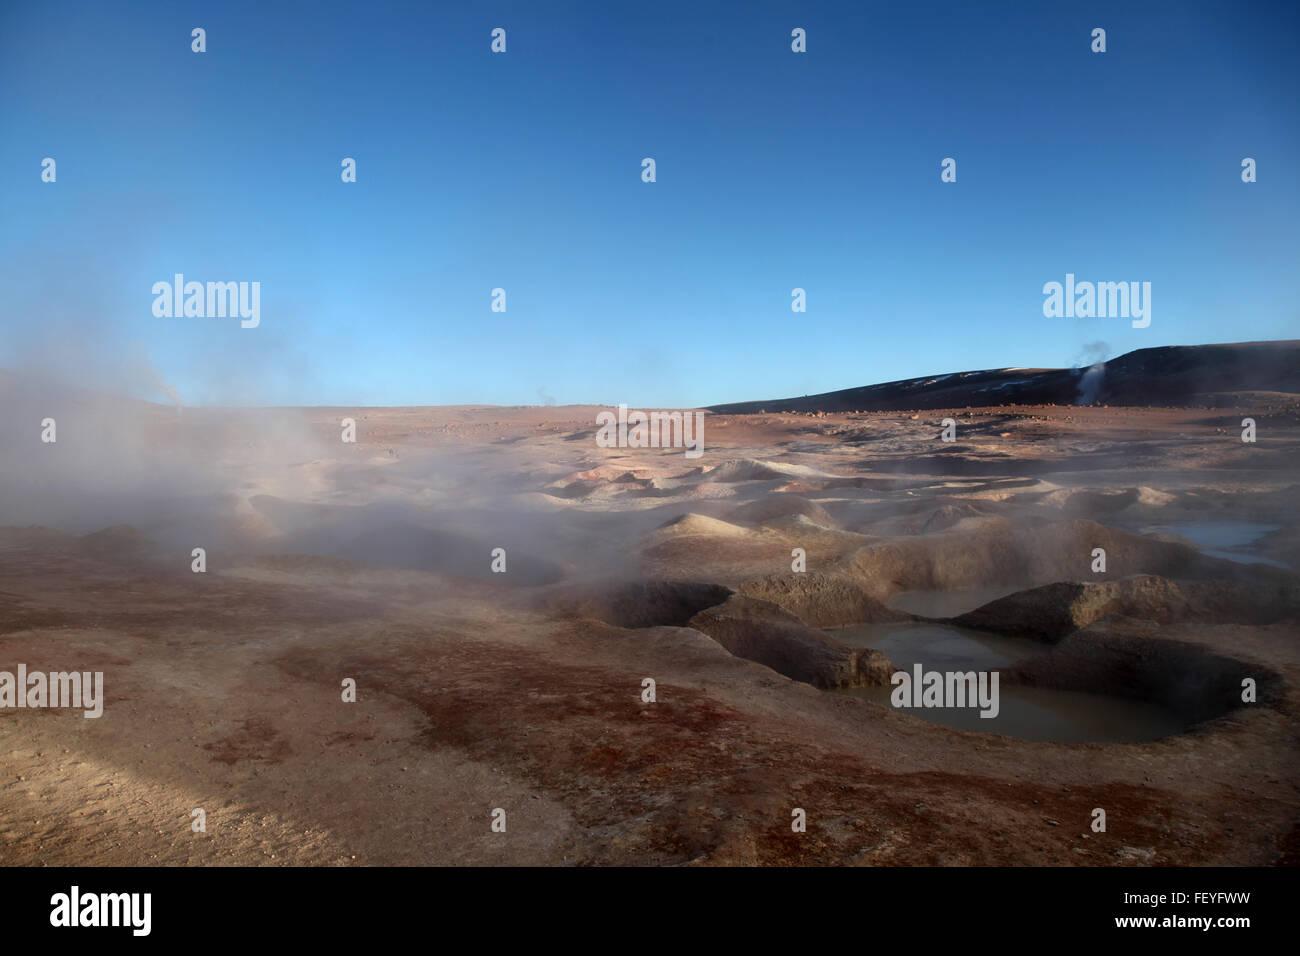 Steam Rising From Geyser At Salar De Uyuni Against Blue Sky - Stock Image